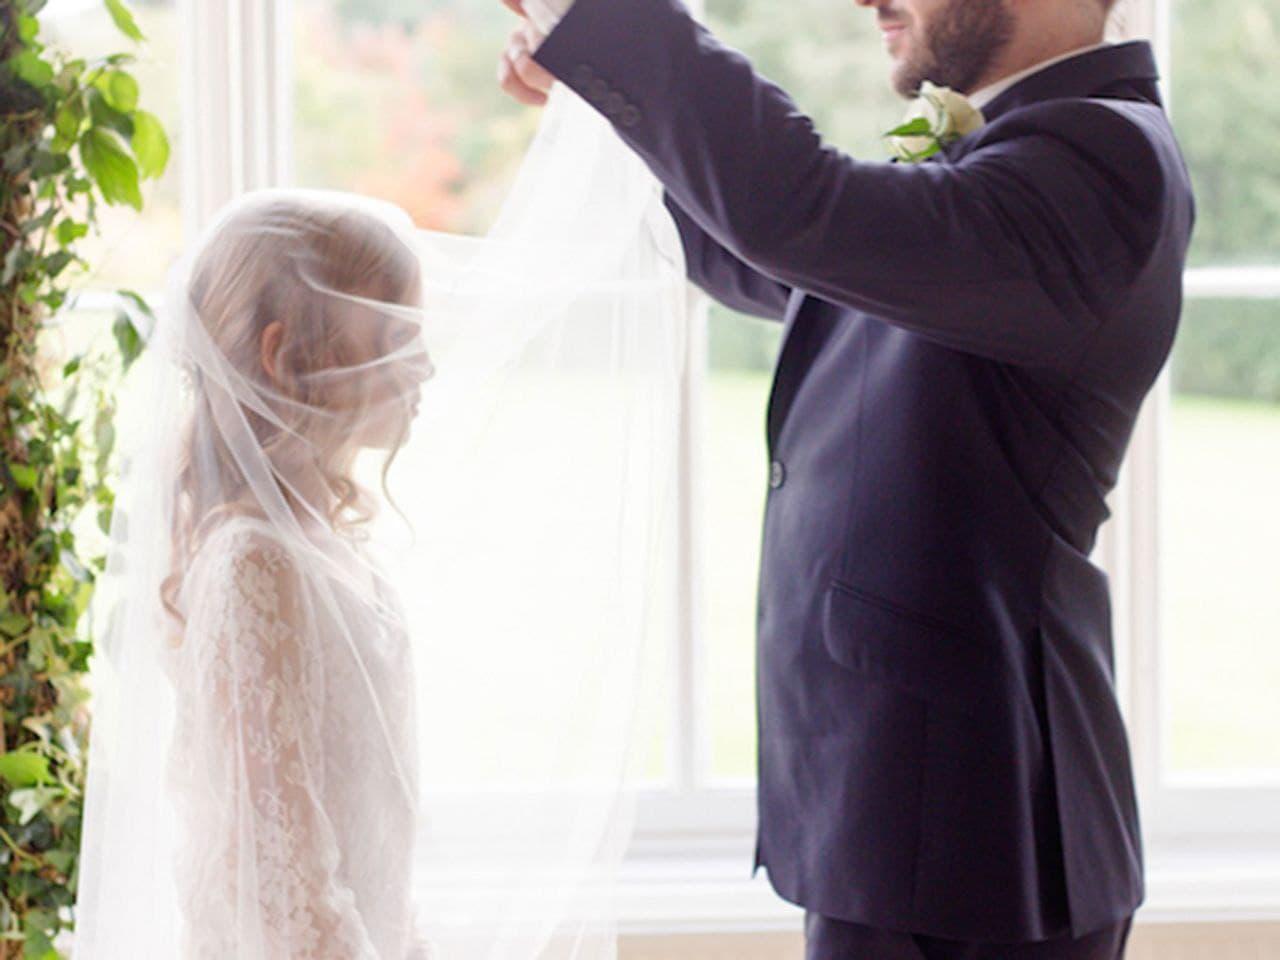 رشد ۲۳ درصدی ازدواج دختران ۱۰ تا ۱۴ ساله/ ثبت ۳۶۴ ولادت برای مادران زیر ۱۵ سال در تابستان ۹۹